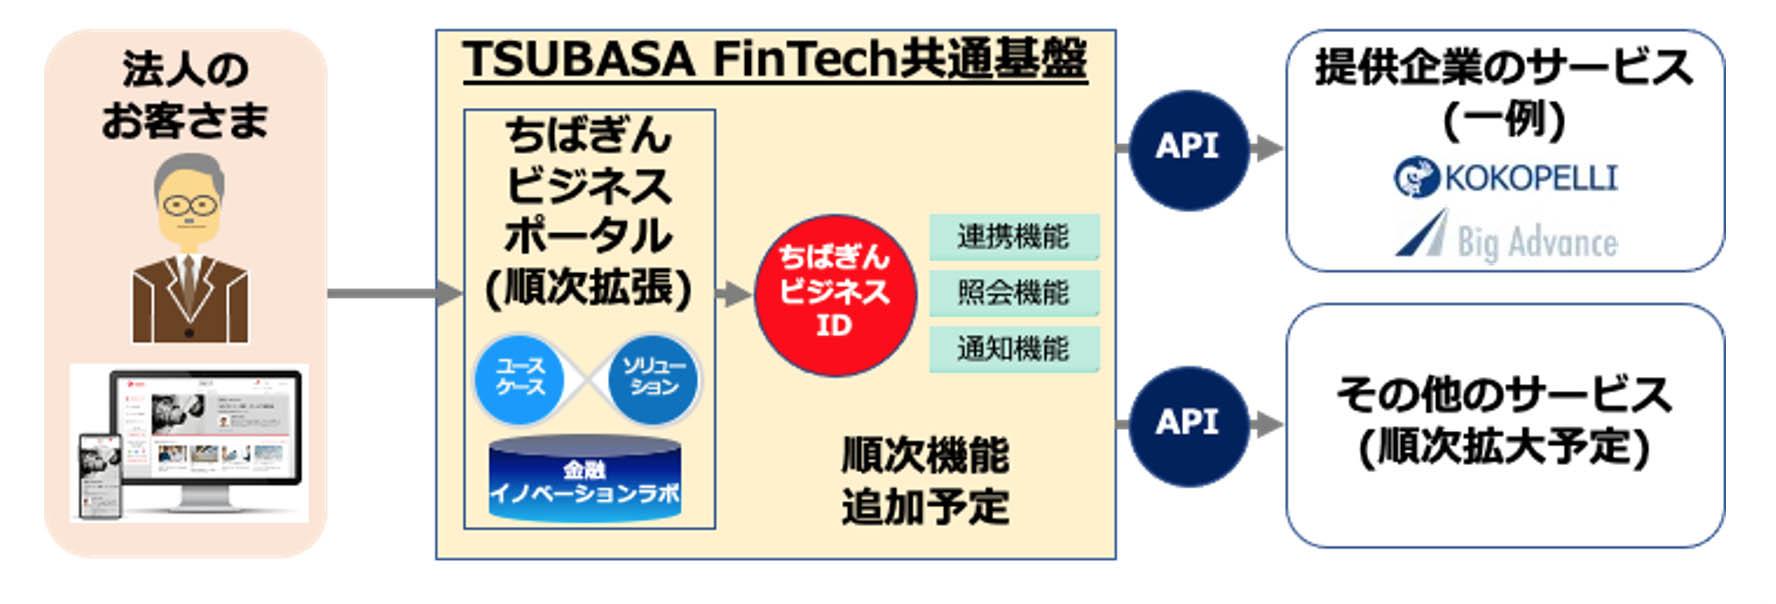 <TSUBASA FinTech共通基盤を活用したちばぎんビジネスポータルのイメージ>